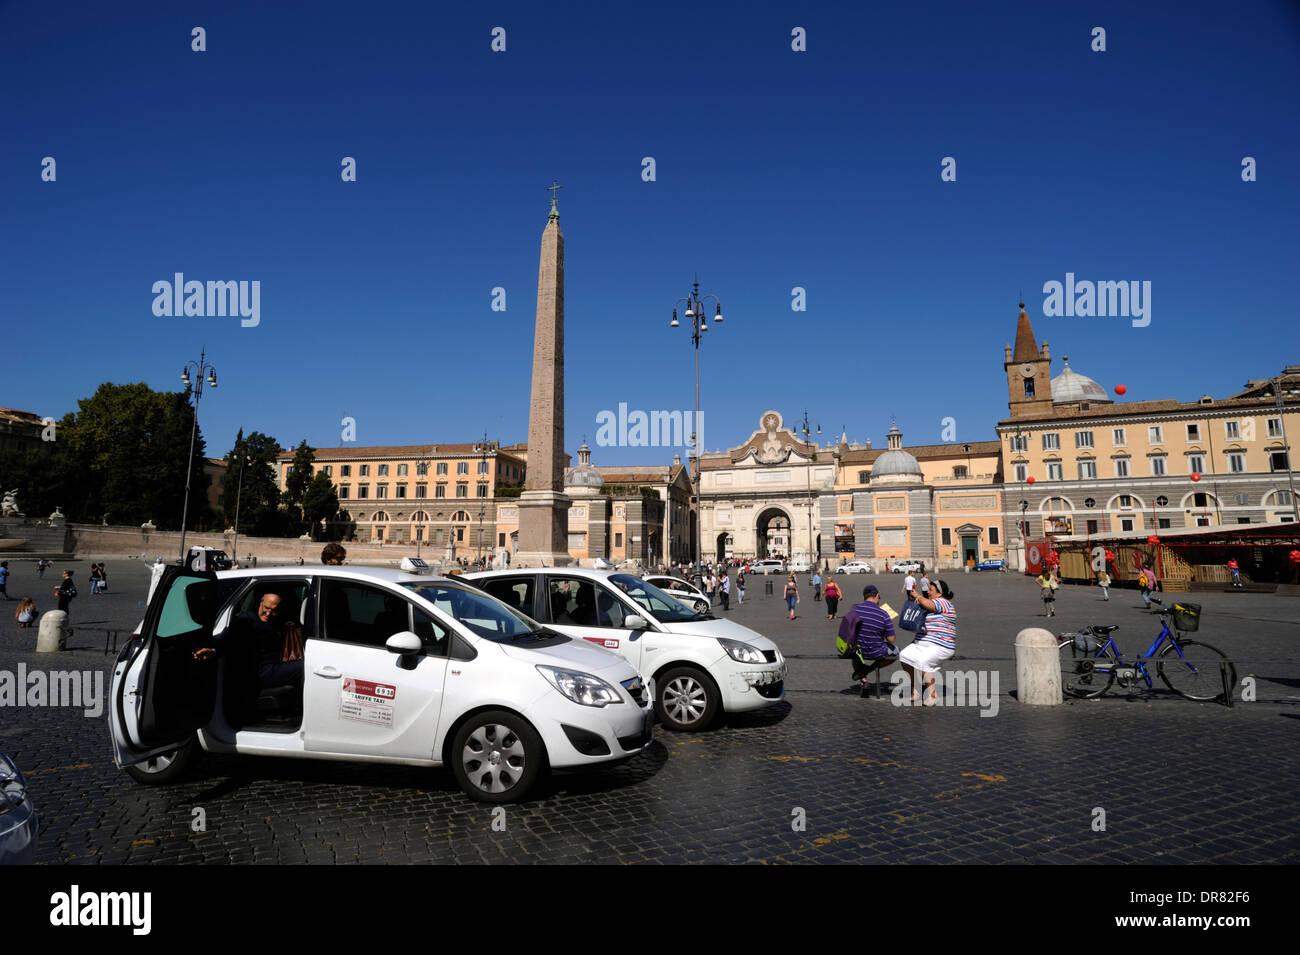 Italia, Roma, Piazza del Popolo, taxi Imagen De Stock